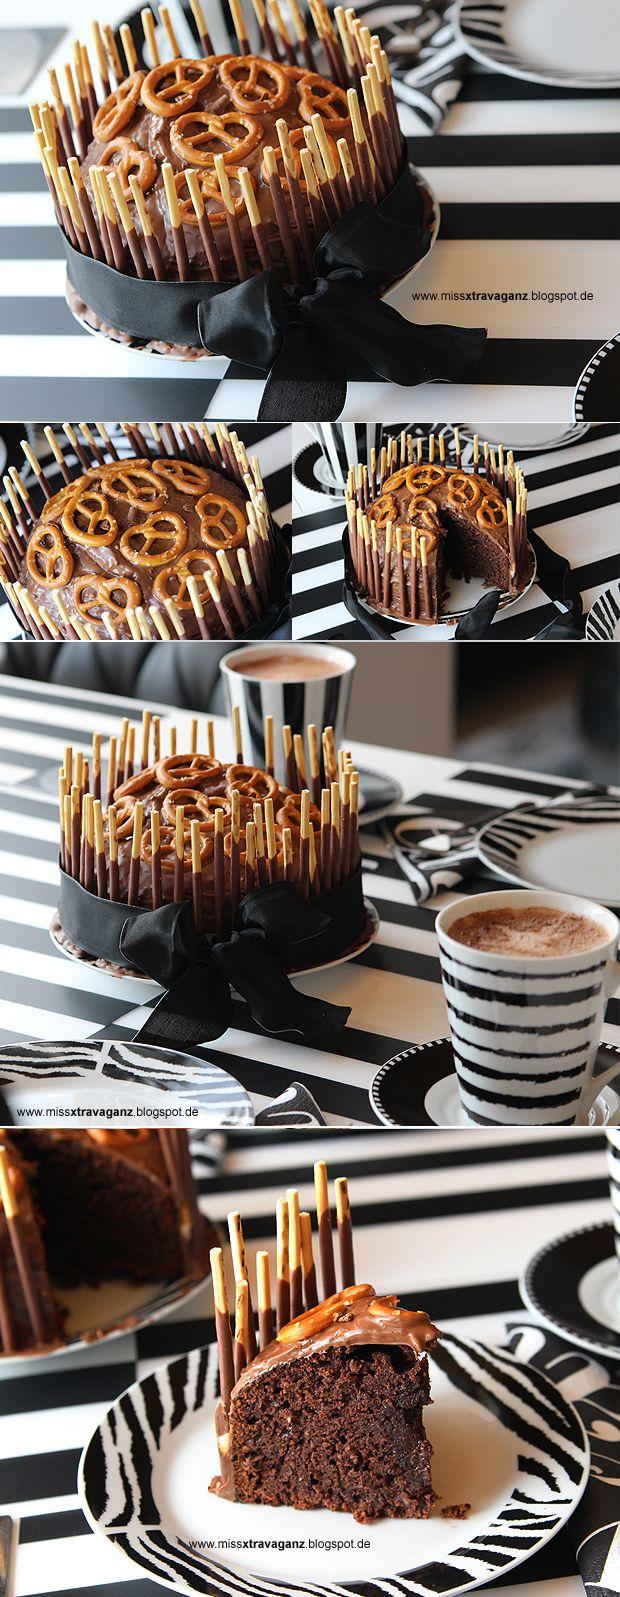 ! Miss von Xtravaganz !: [Rezept] Schokoladen-Haselnuss-Brezel-Kuchen